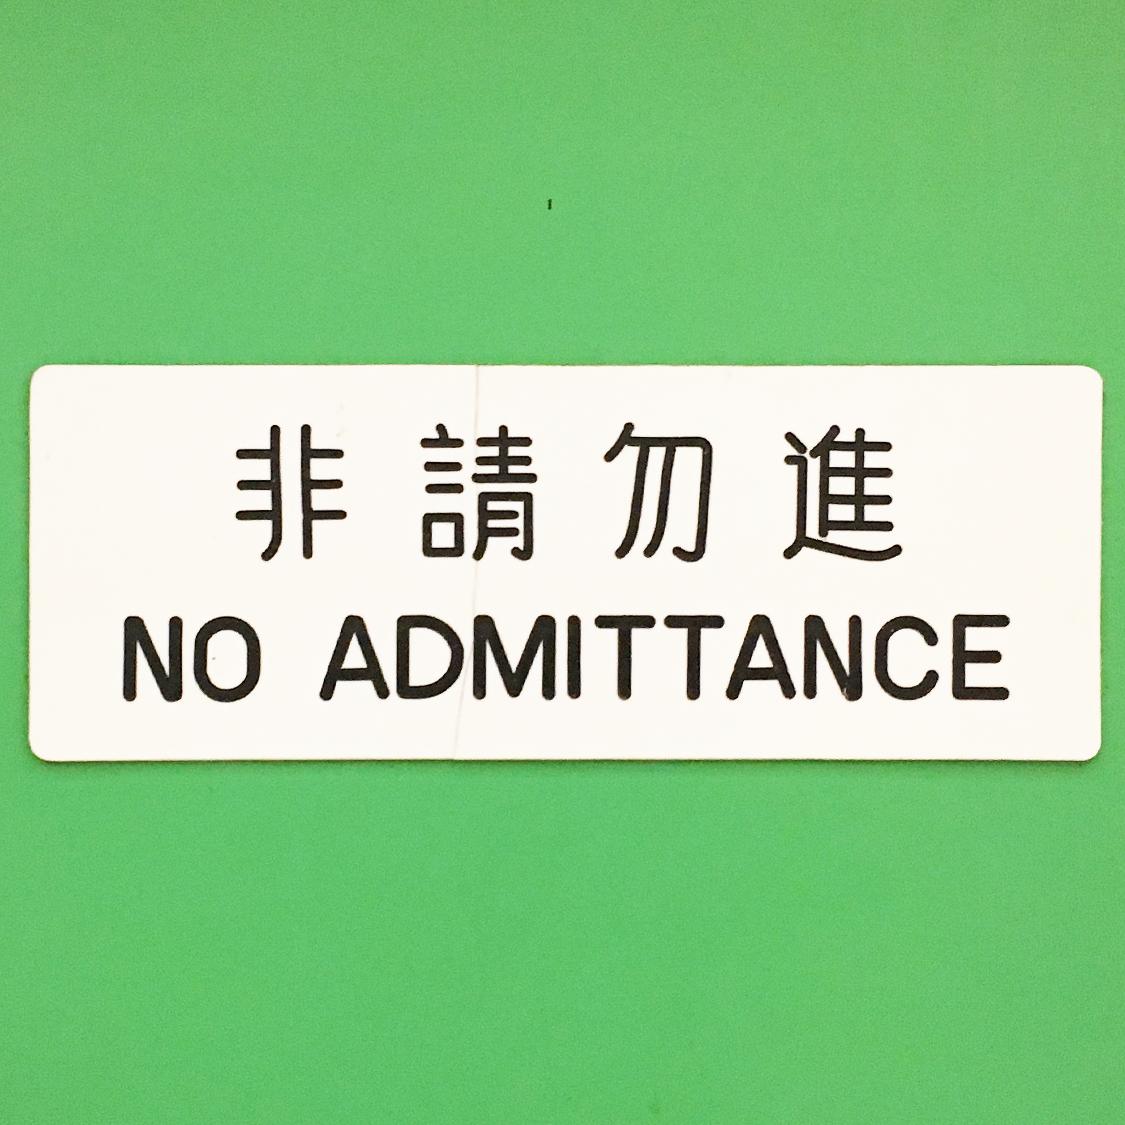 非請勿進 其實不少政府建築物都挺文藝和懷舊 政府建築物篇 香港 柴灣 市政大廈 Logotype Typography Lettering Typographic Design